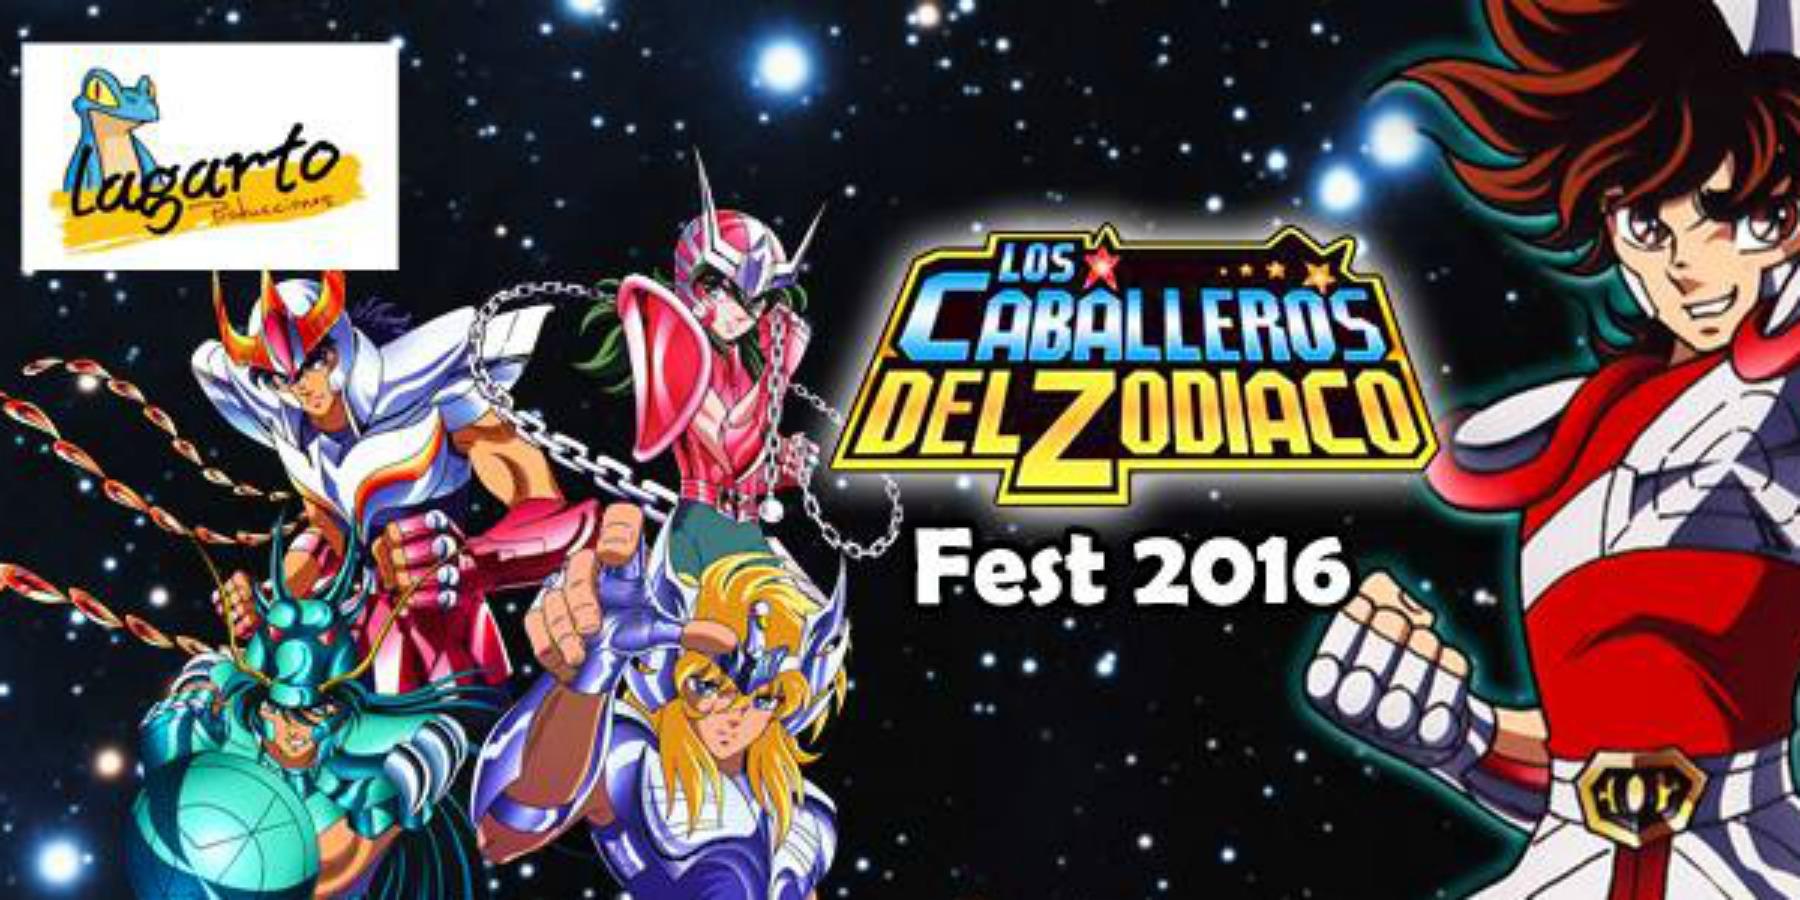 Los Caballeros del Zodiaco Fest 2016